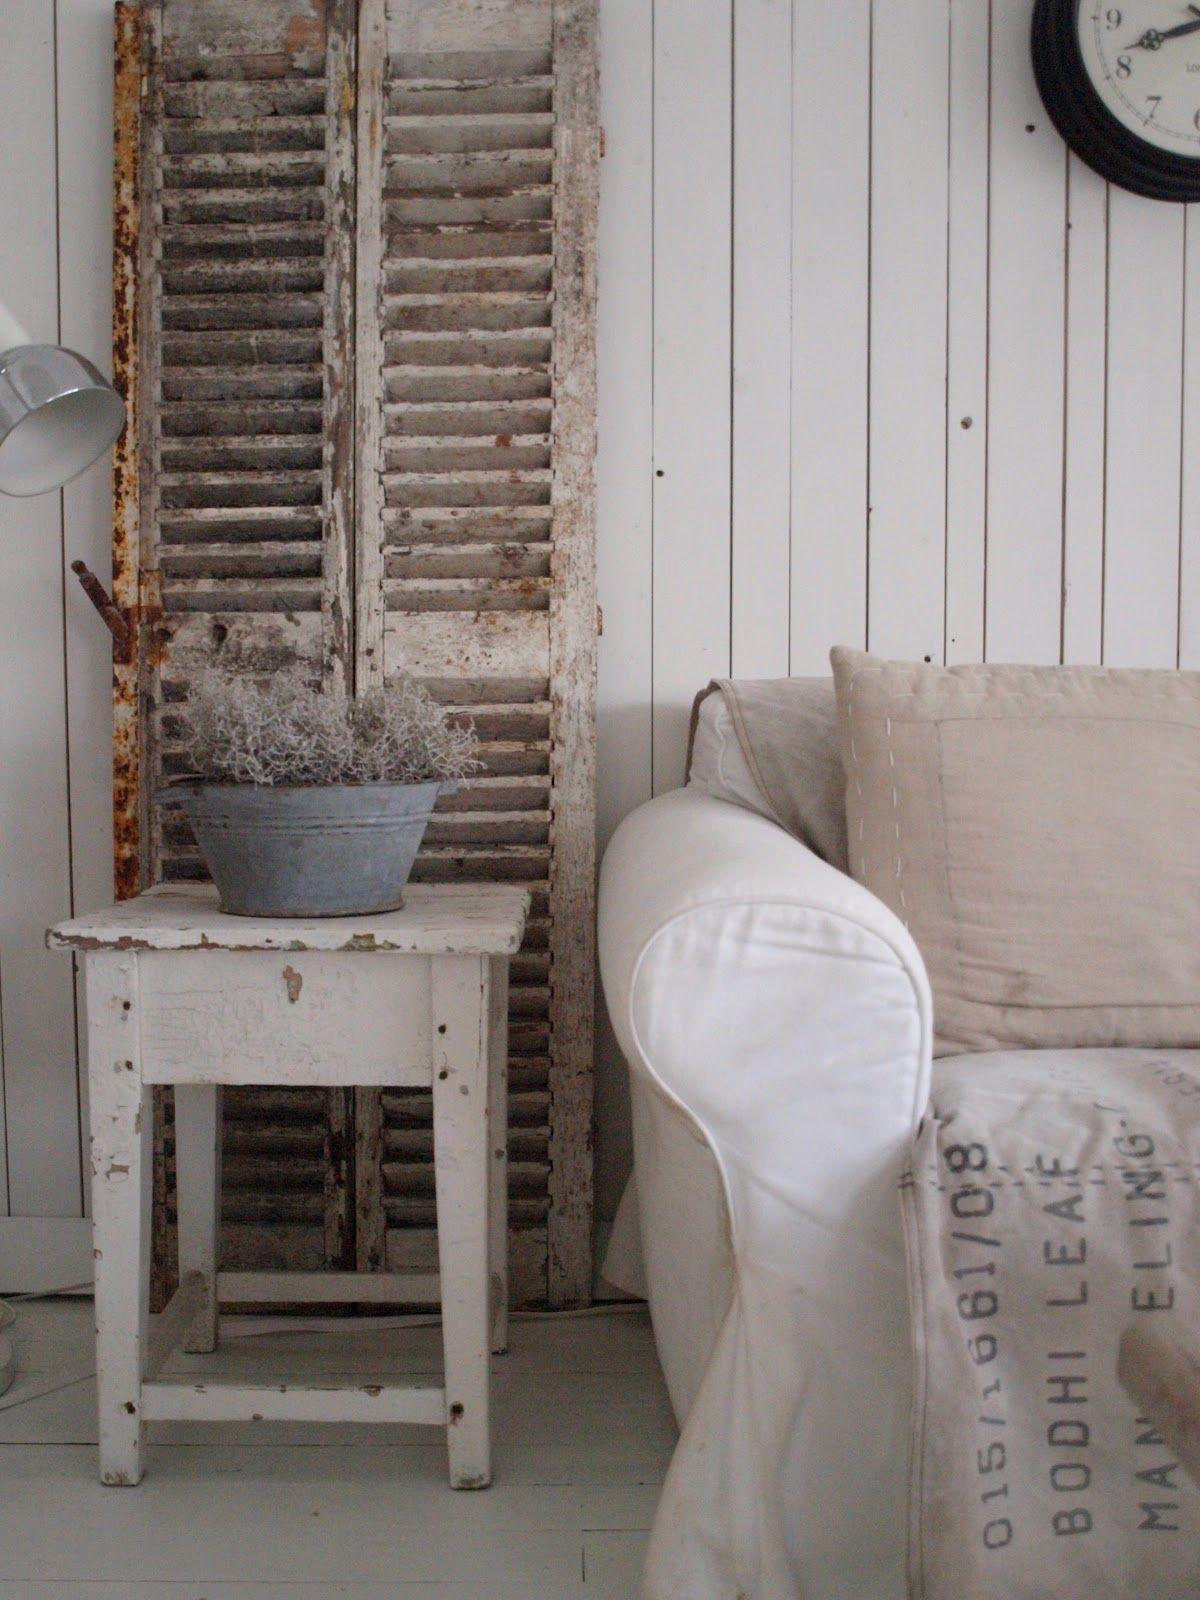 voil comment recycler les anciens volets int rieurs pinterest comment recycler volets. Black Bedroom Furniture Sets. Home Design Ideas